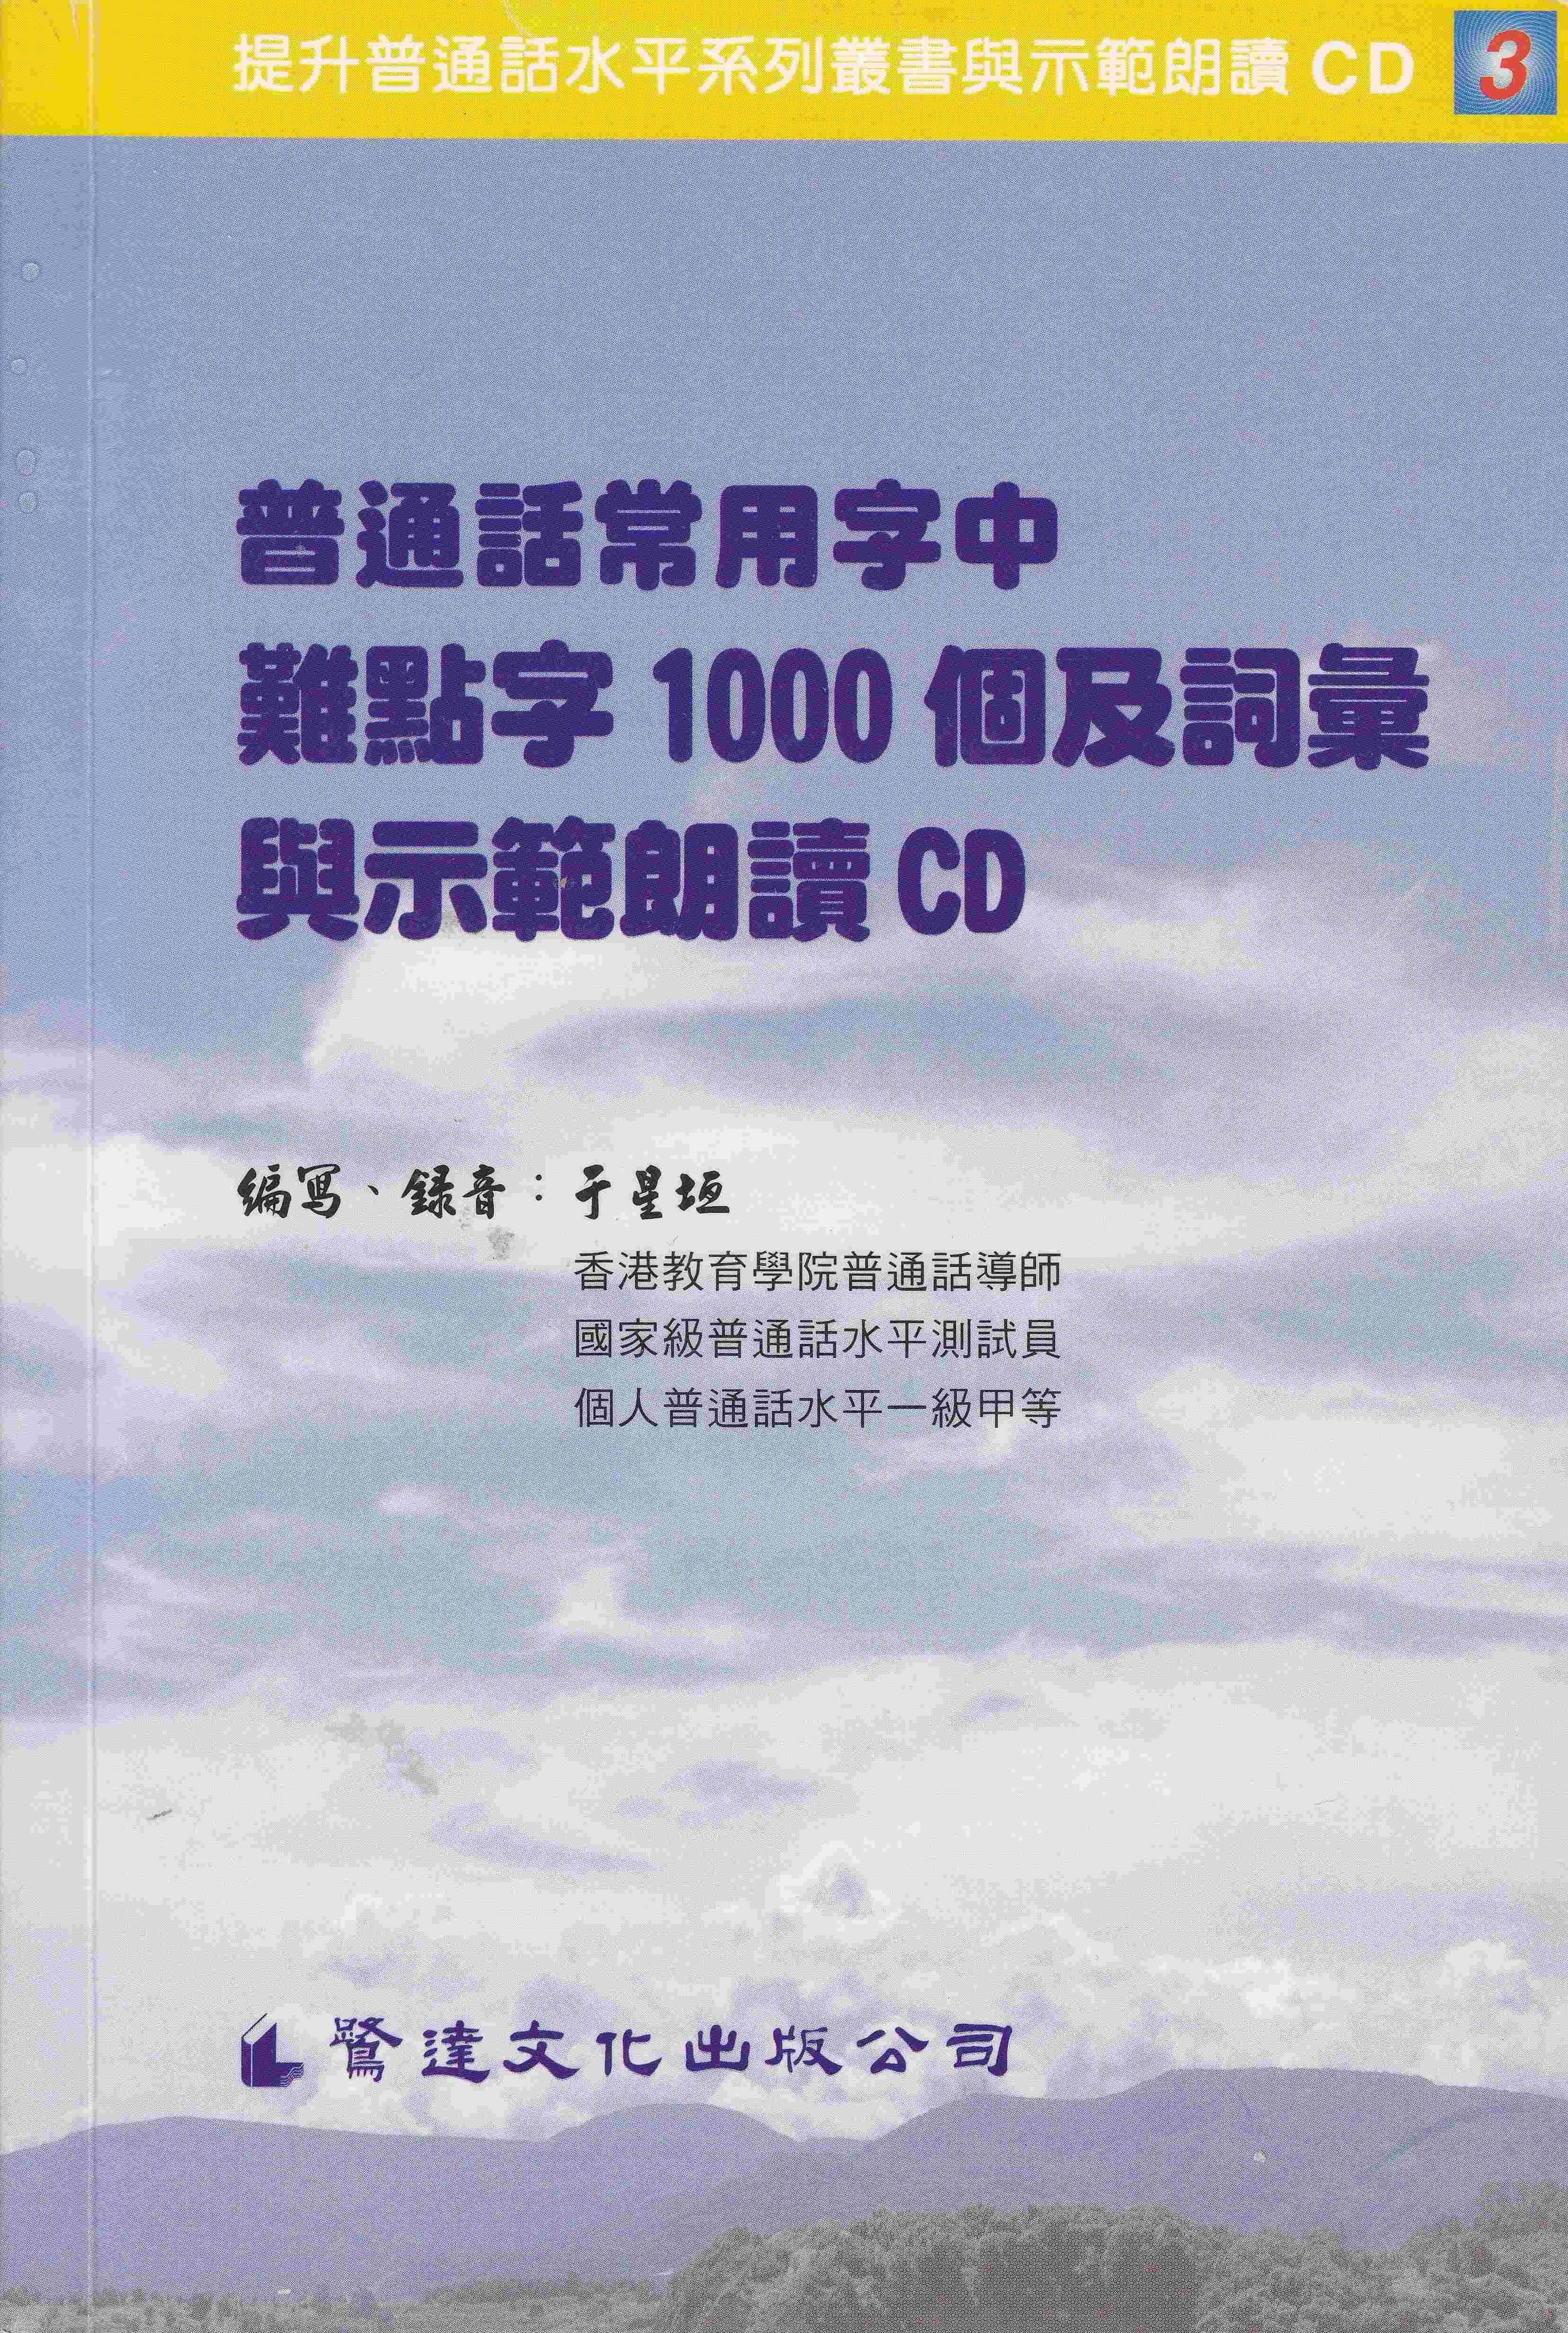 普通話常用字中難點字1000個及詞彙與示範朗讀CD